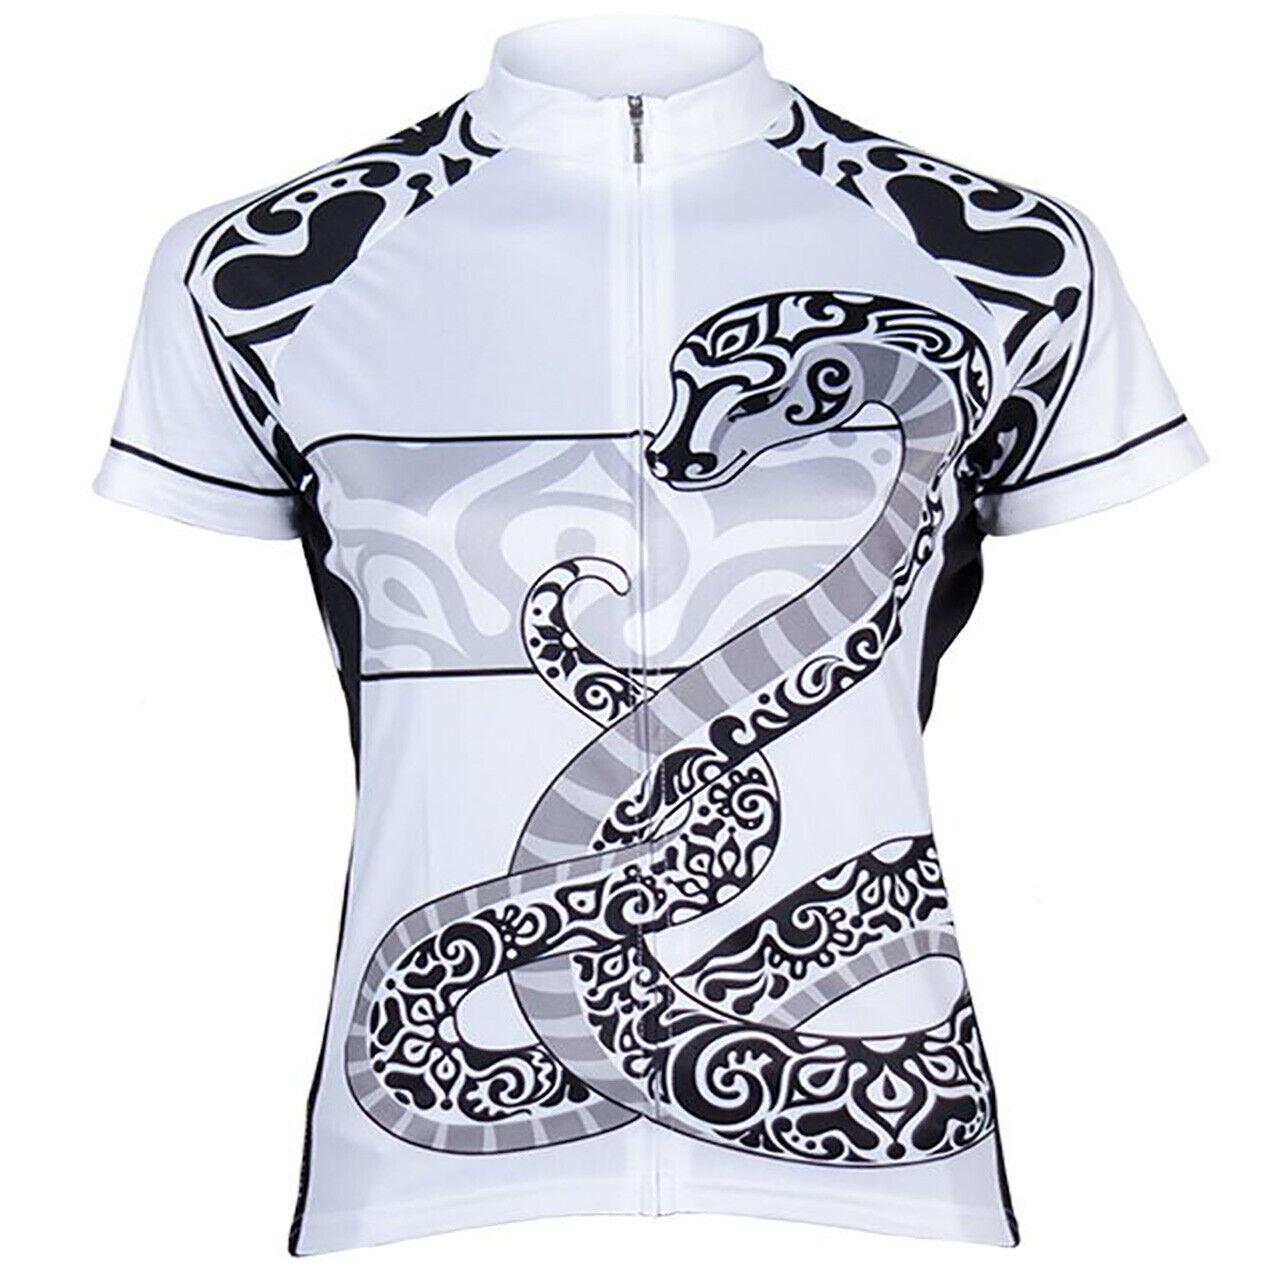 Primal Wear Doyenne Snake Charmer Women's Full Zip Cycling Jersey